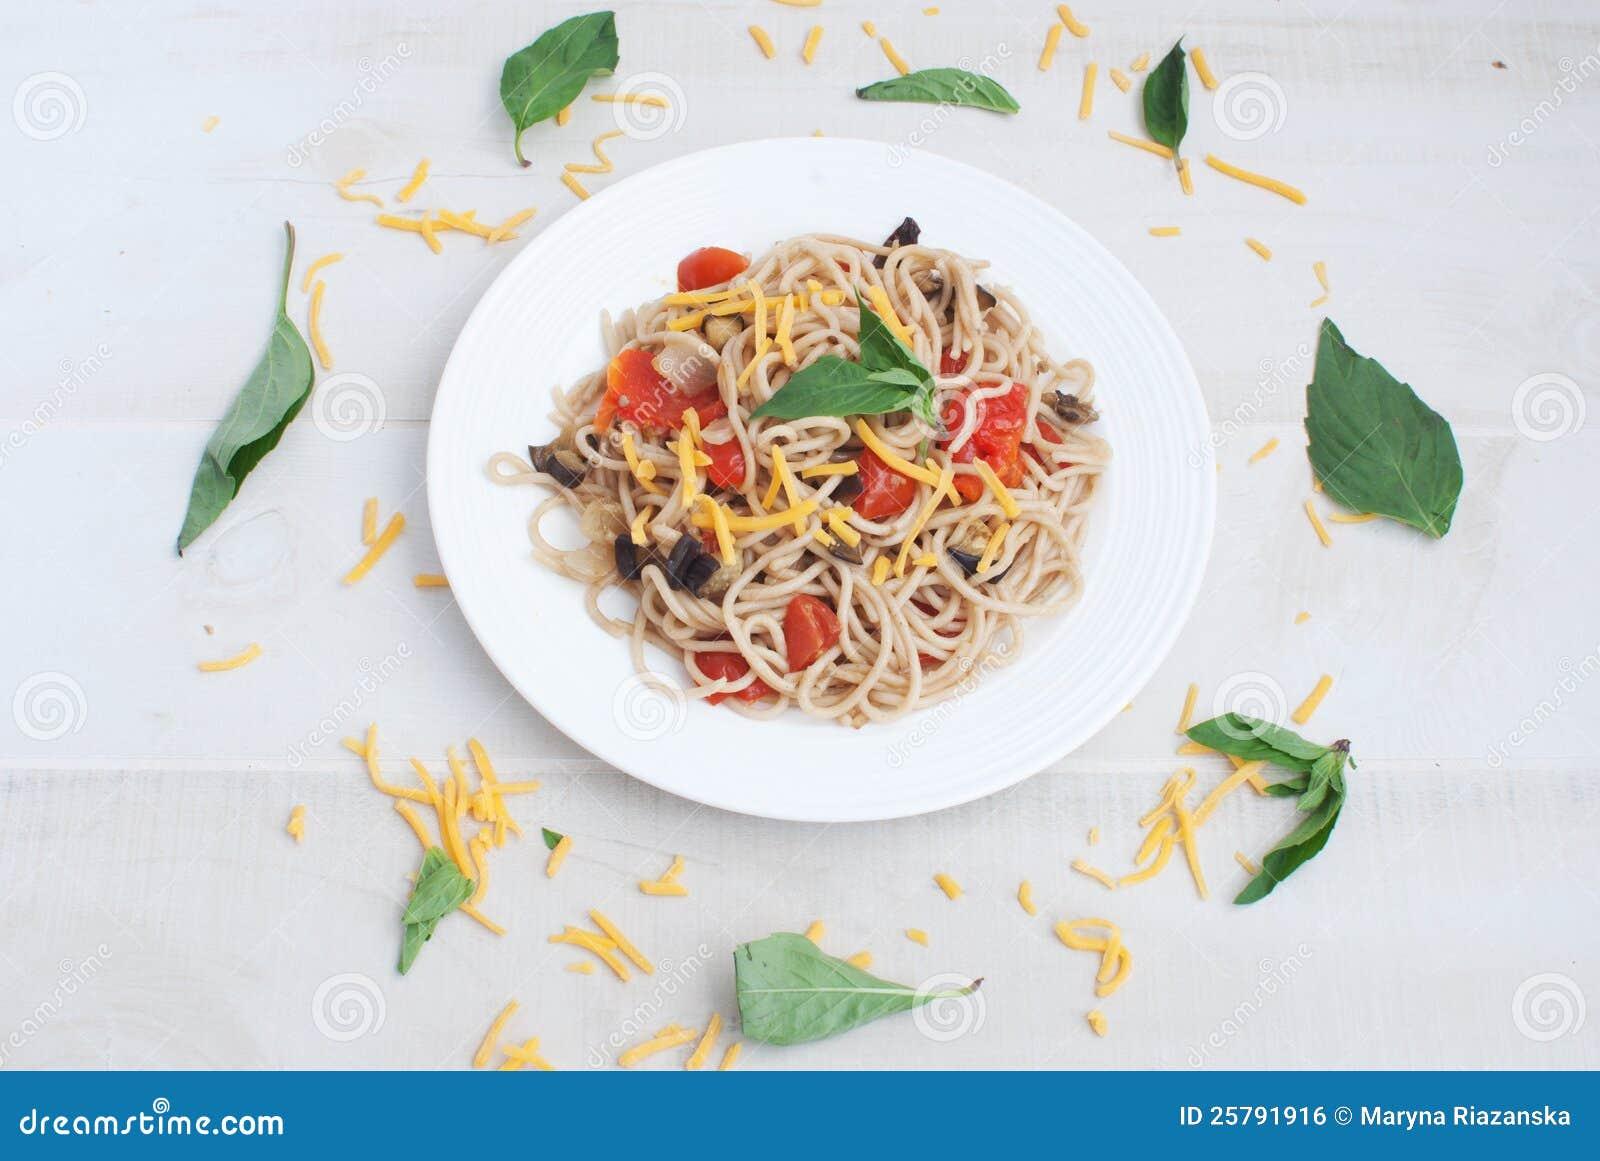 Pasta med grönsaker från över